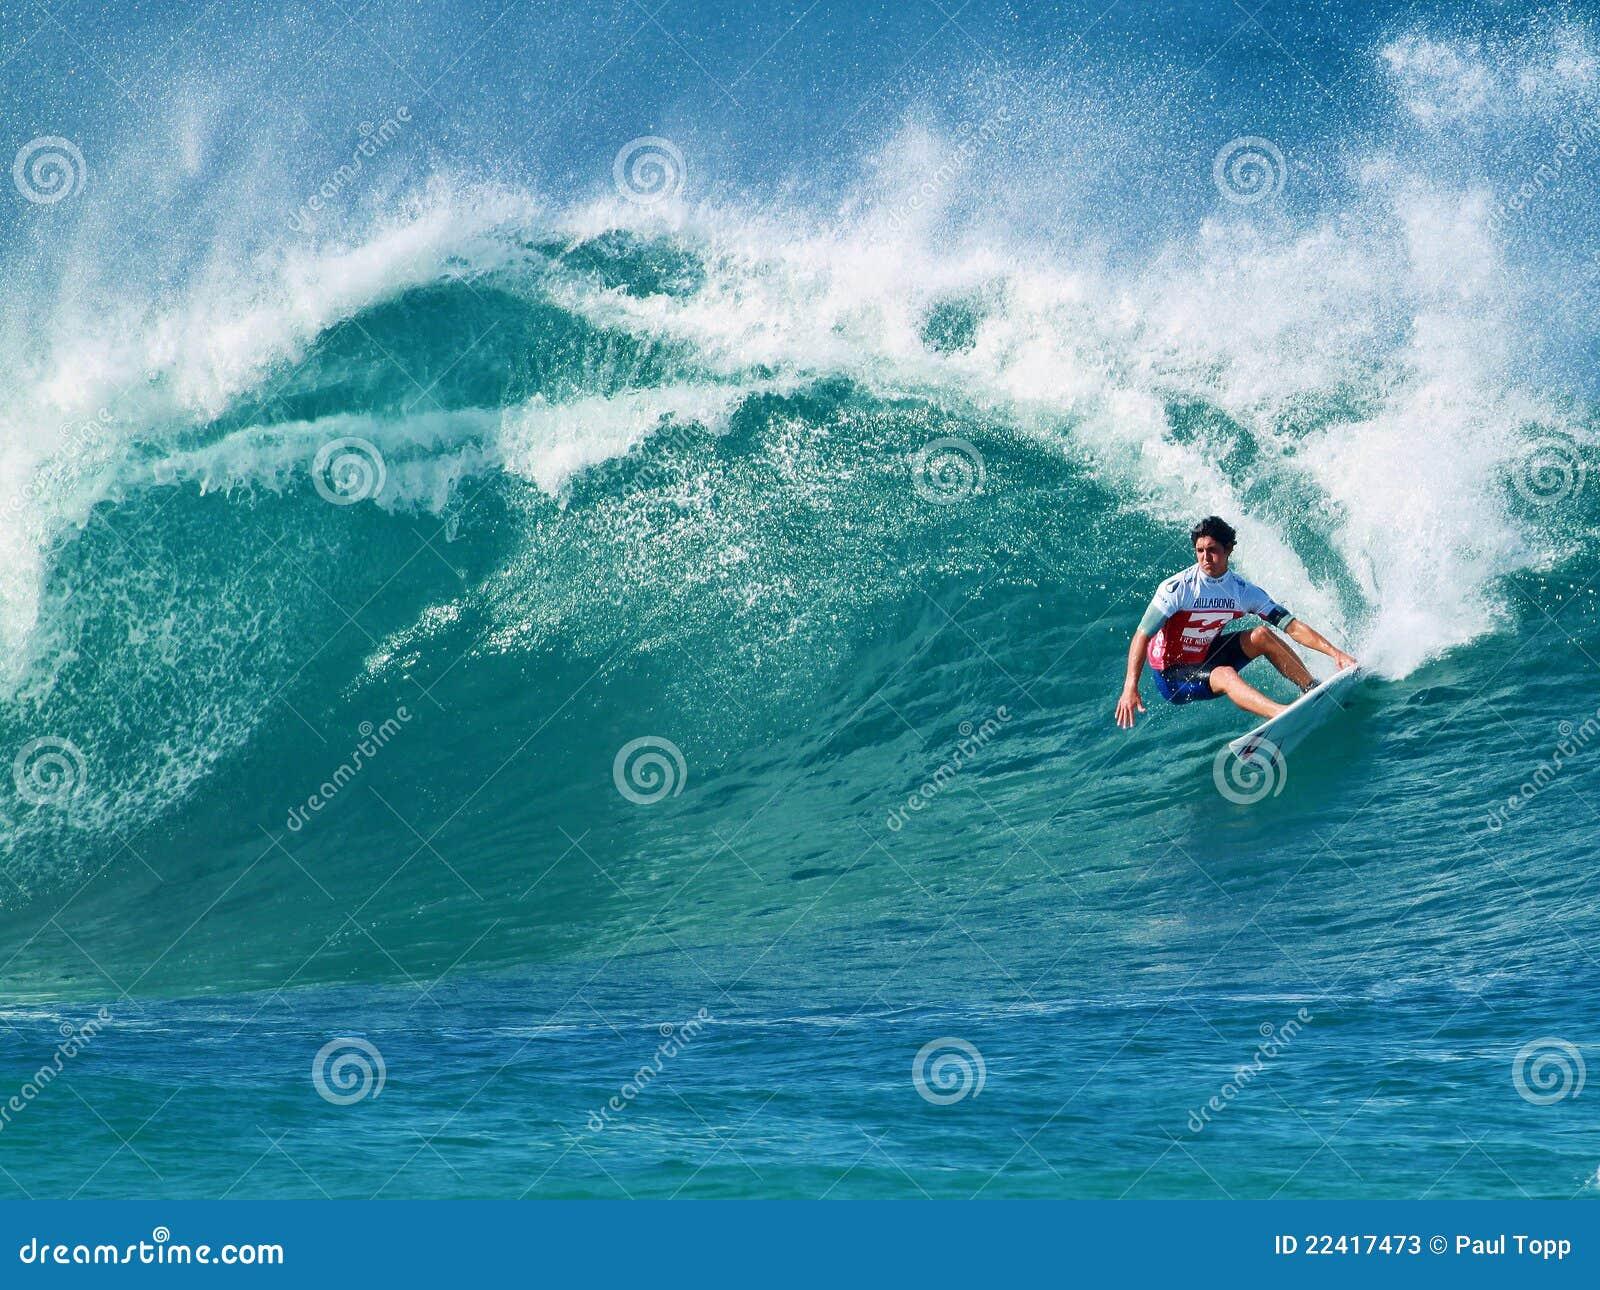 surfer gabriel medina surfing pipeline in hawaii editorial